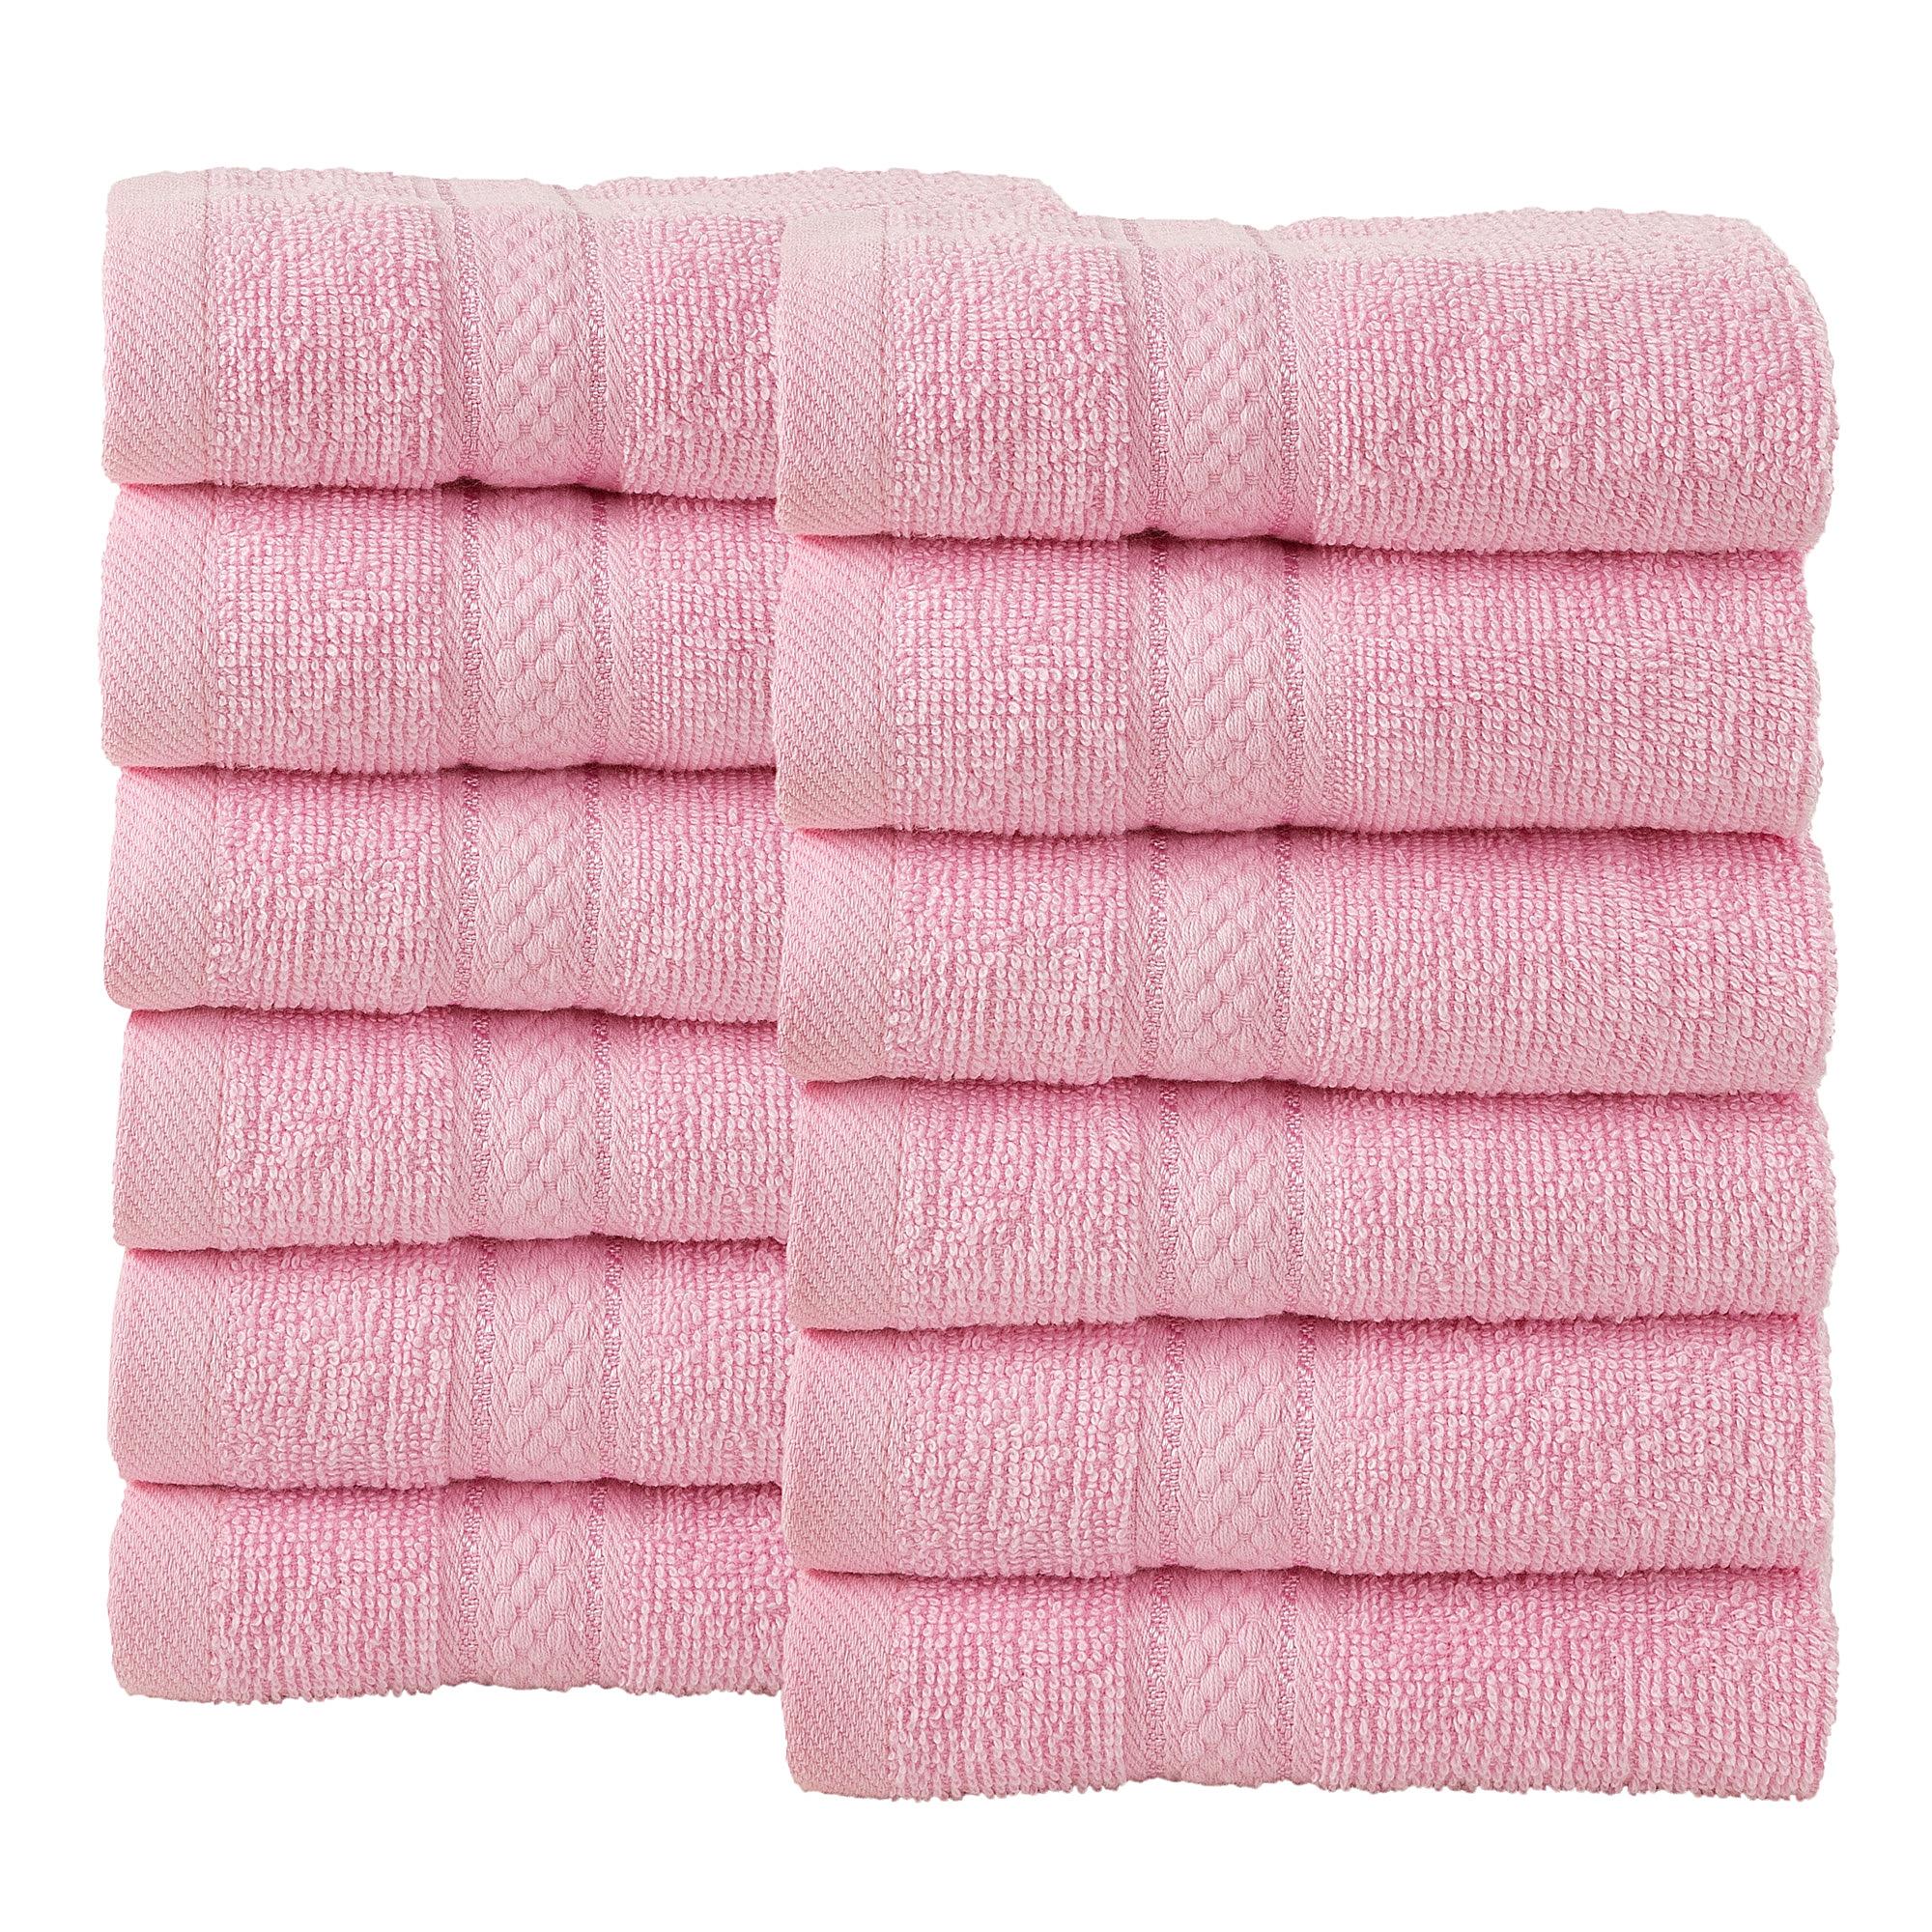 12 Pcs Face Cotton Towel Bale Set Blush Pink Plain